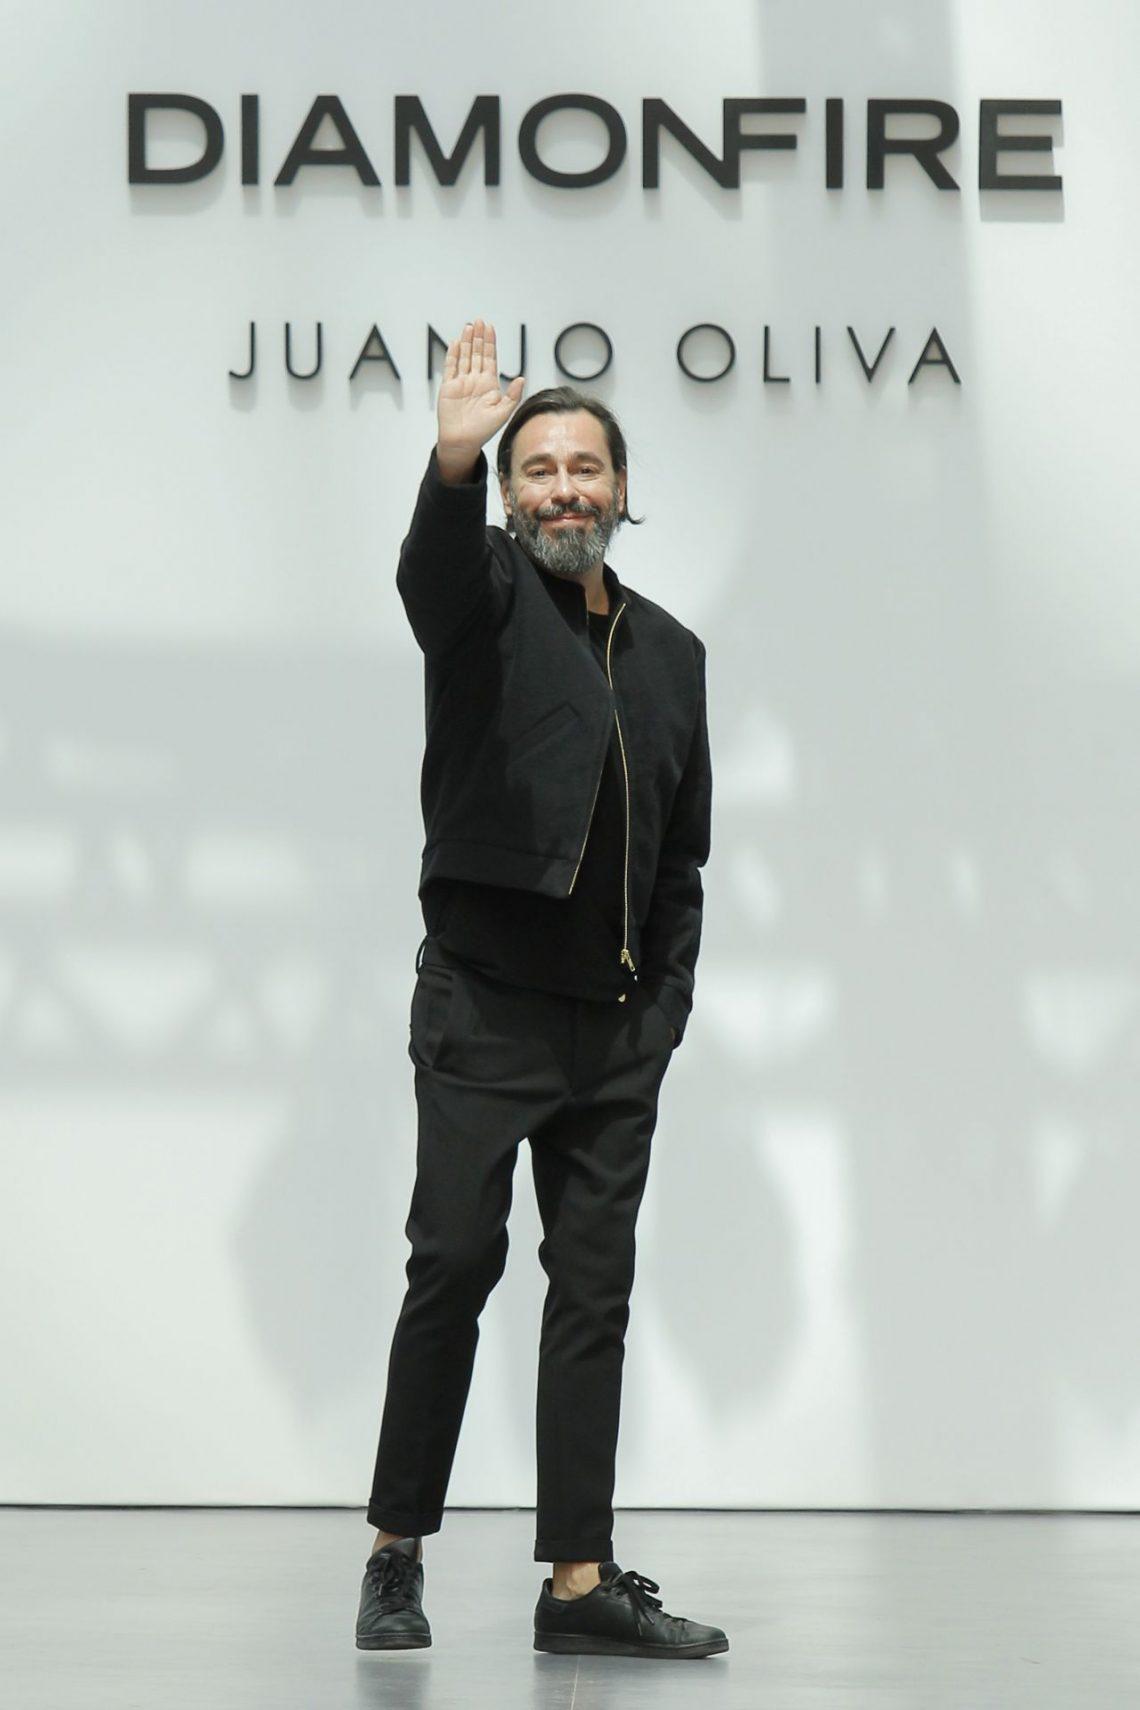 Juanjo Oliva presentará una colección elaborada con telas fabricadas con botellas de plástico recicladas en la próxima MBFWMadrid